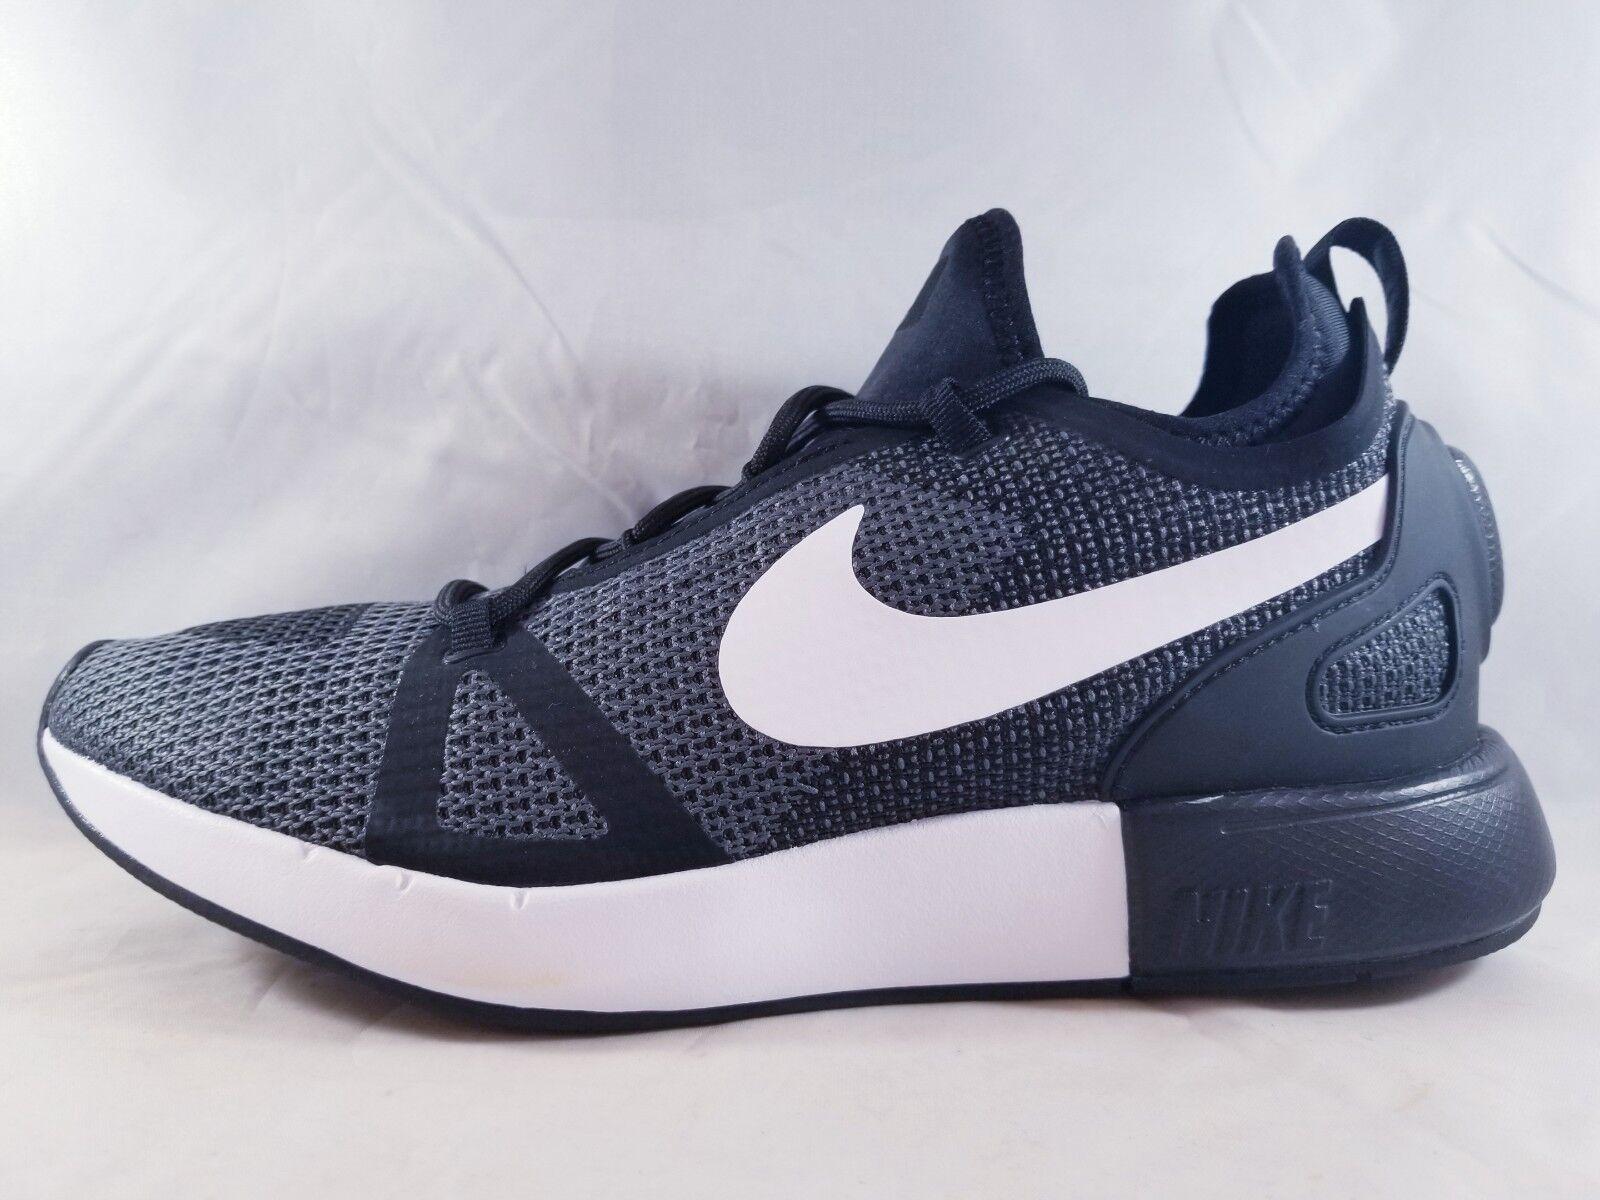 Nike dual - racer männer laufschuh 918228 010 010 010 größe 10,5 b80ecb